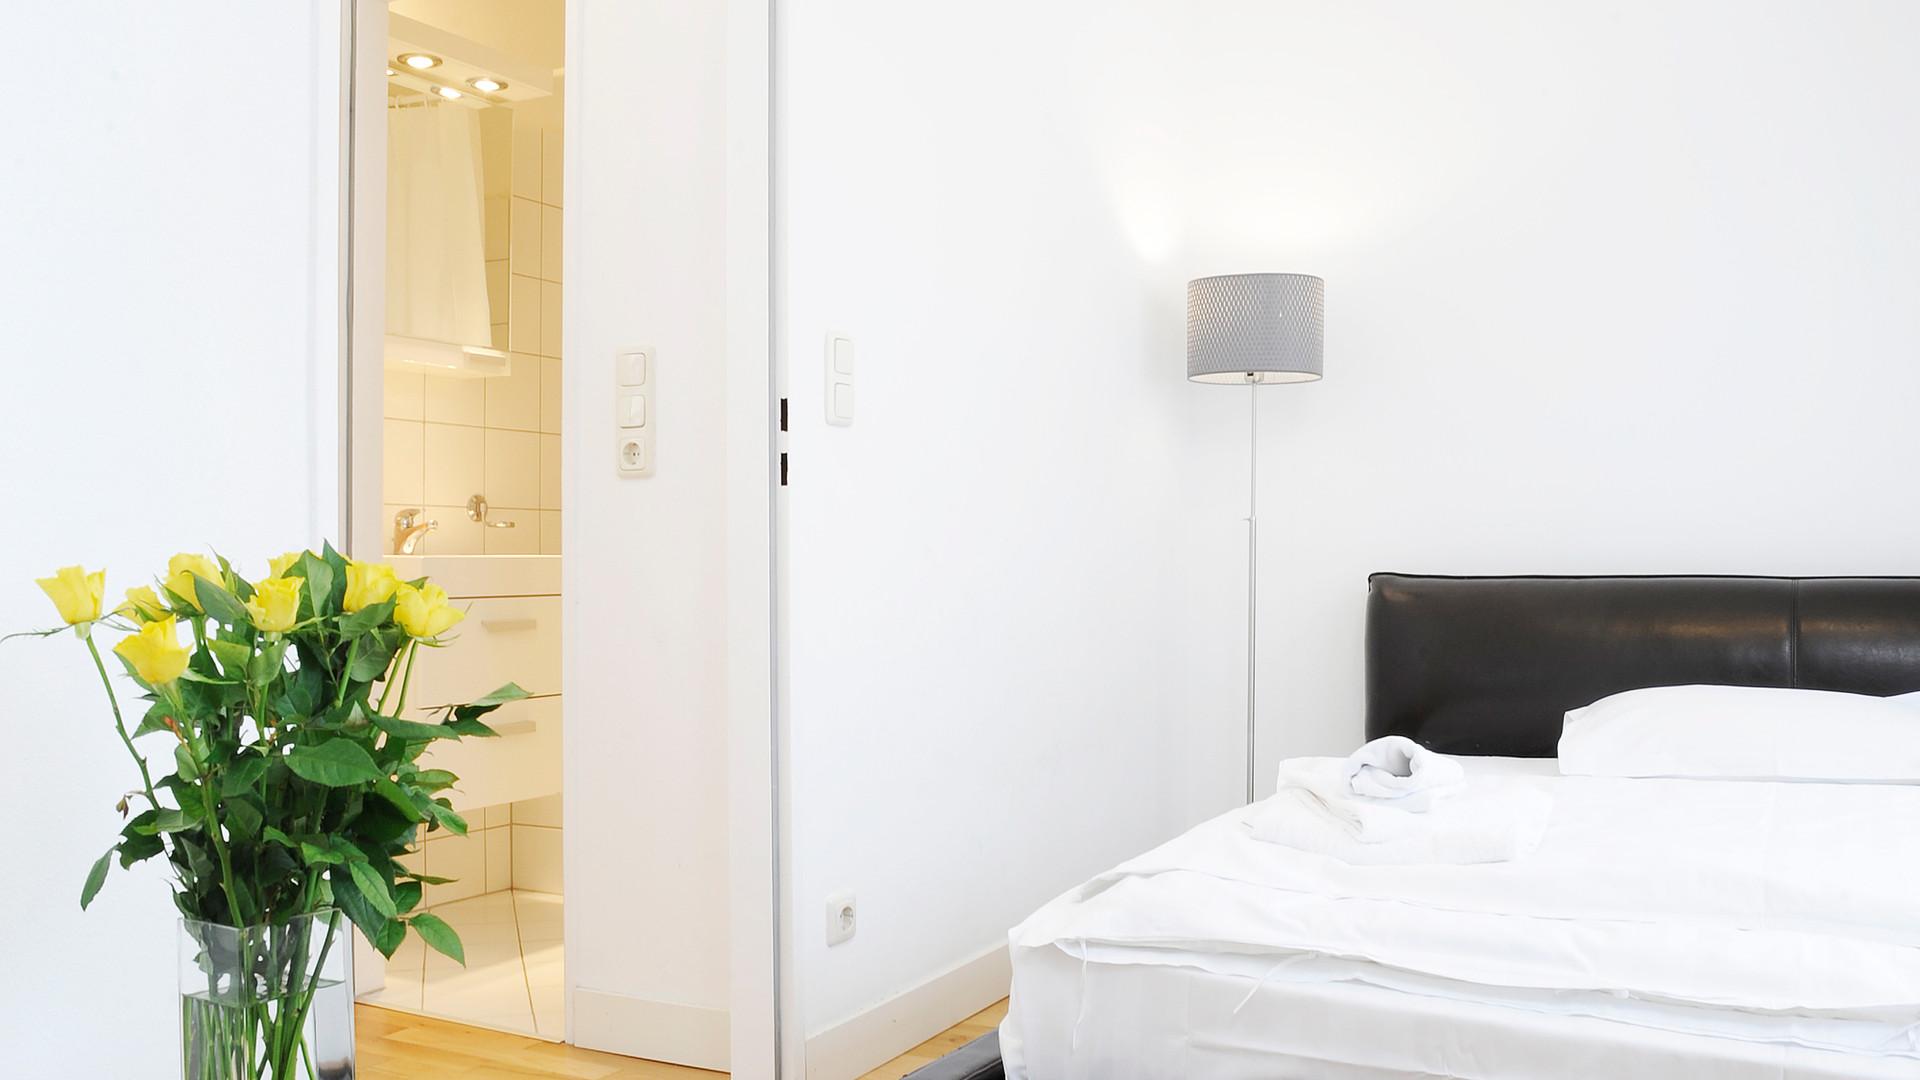 City4home Raum zum Entspannen